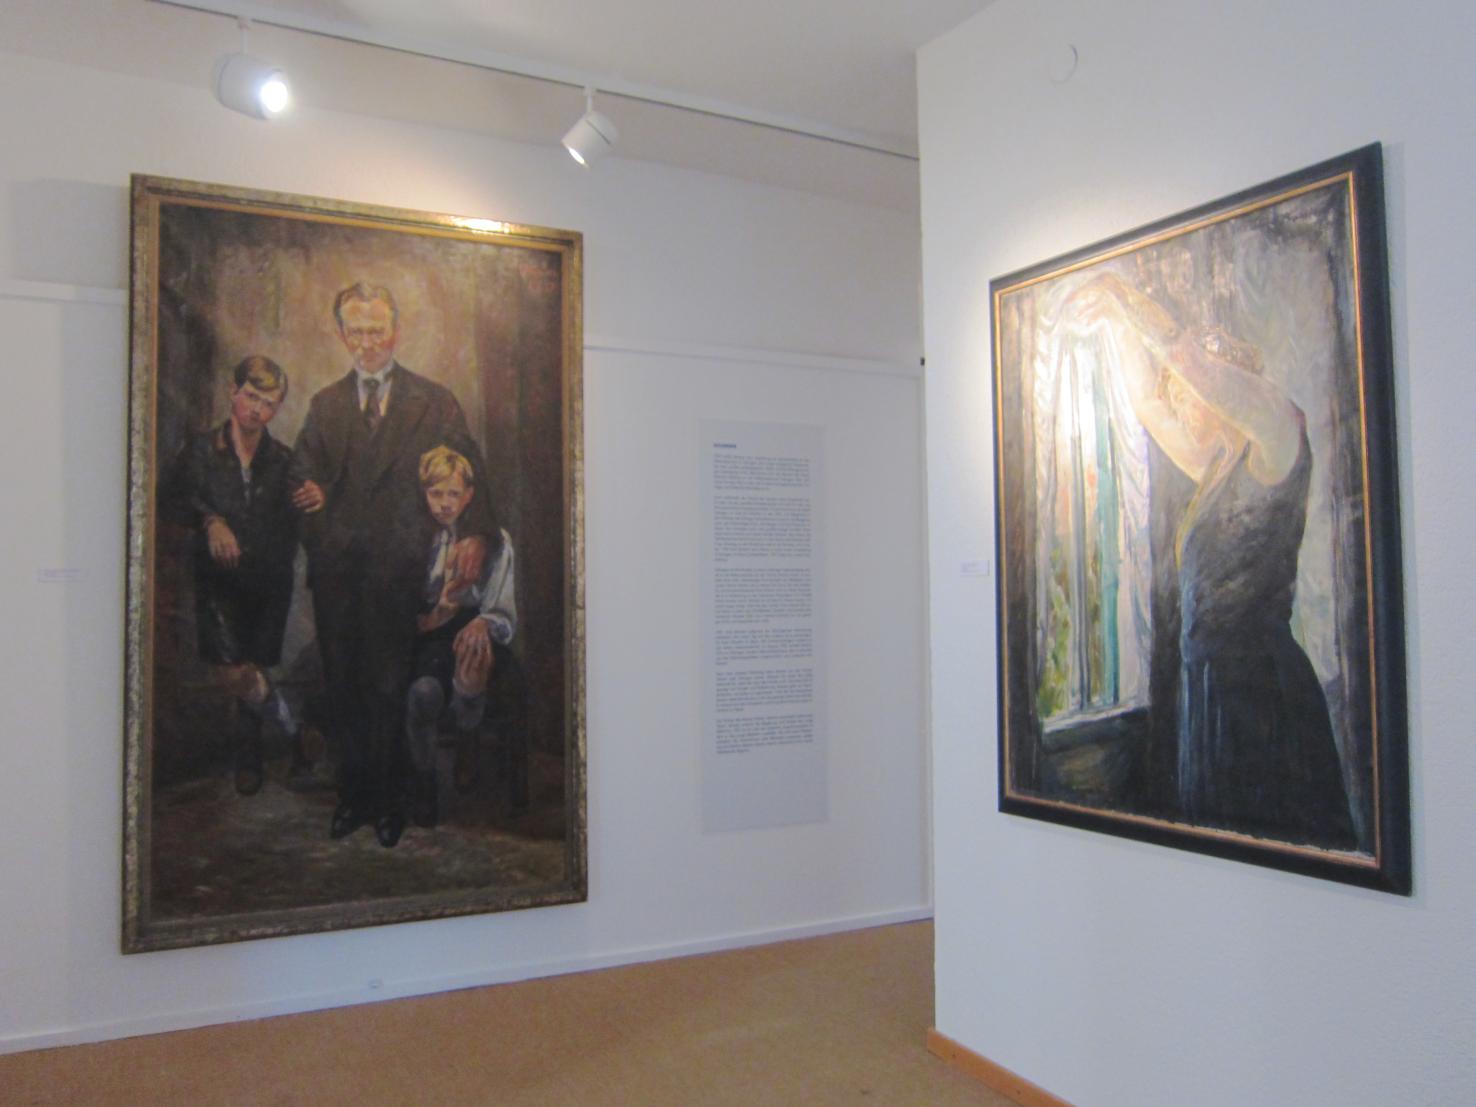 Impression from the Retrospective Museum on Lindenplatz in Weil am Rhein, 2013